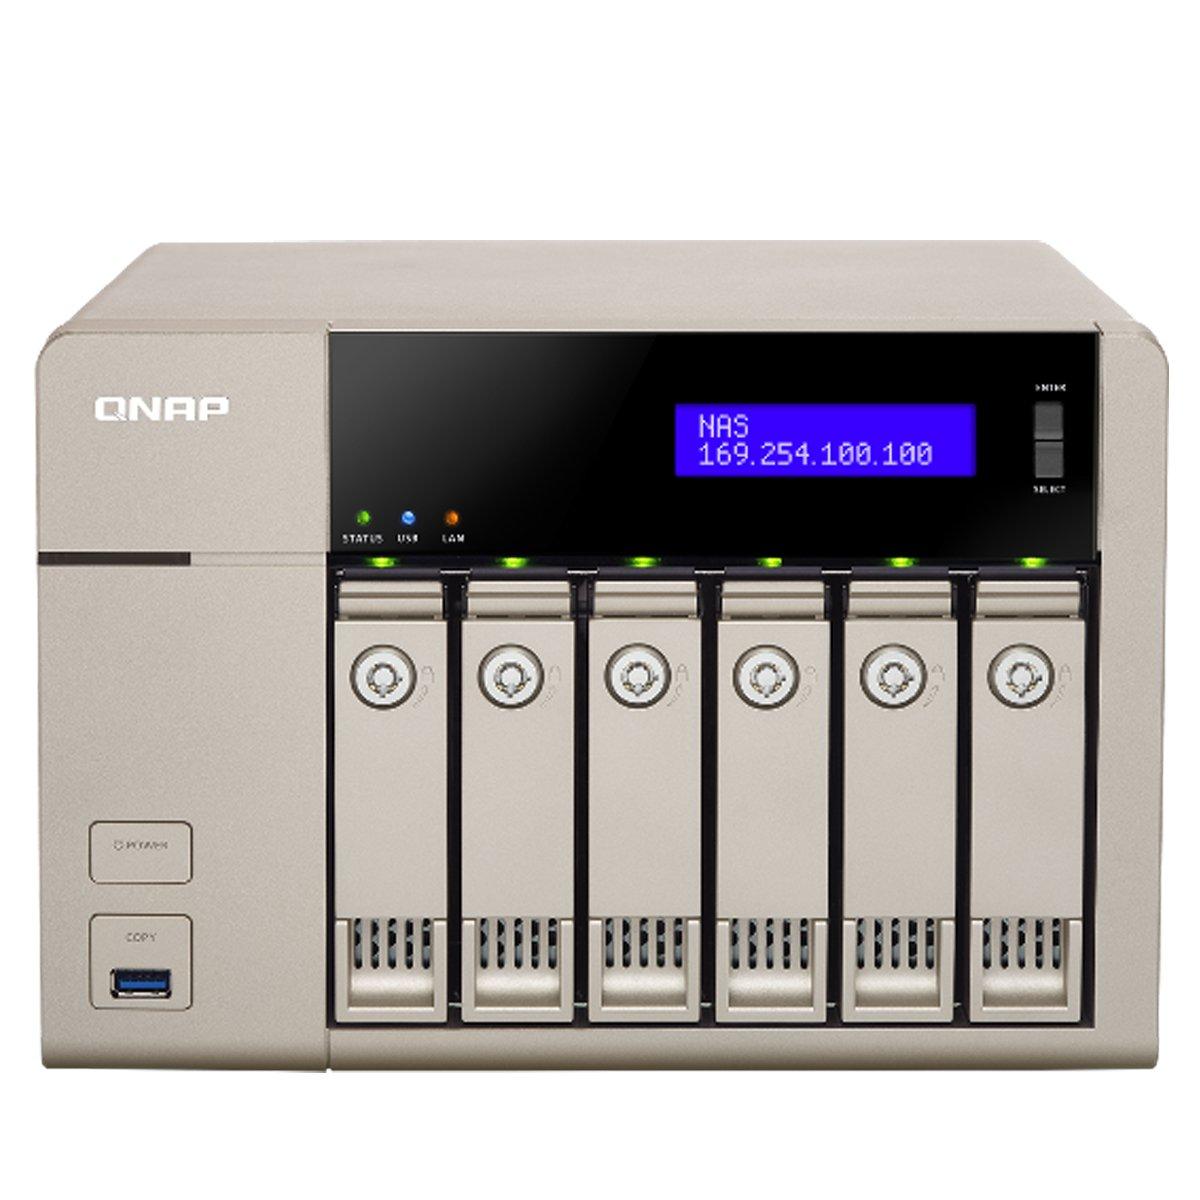 QNAP TVS-663 NAS Torre Ethernet Oro - Unidad RAID (Unidad de disco duro, SSD, Serial ATA II, Serial ATA III, 2.5/3.5